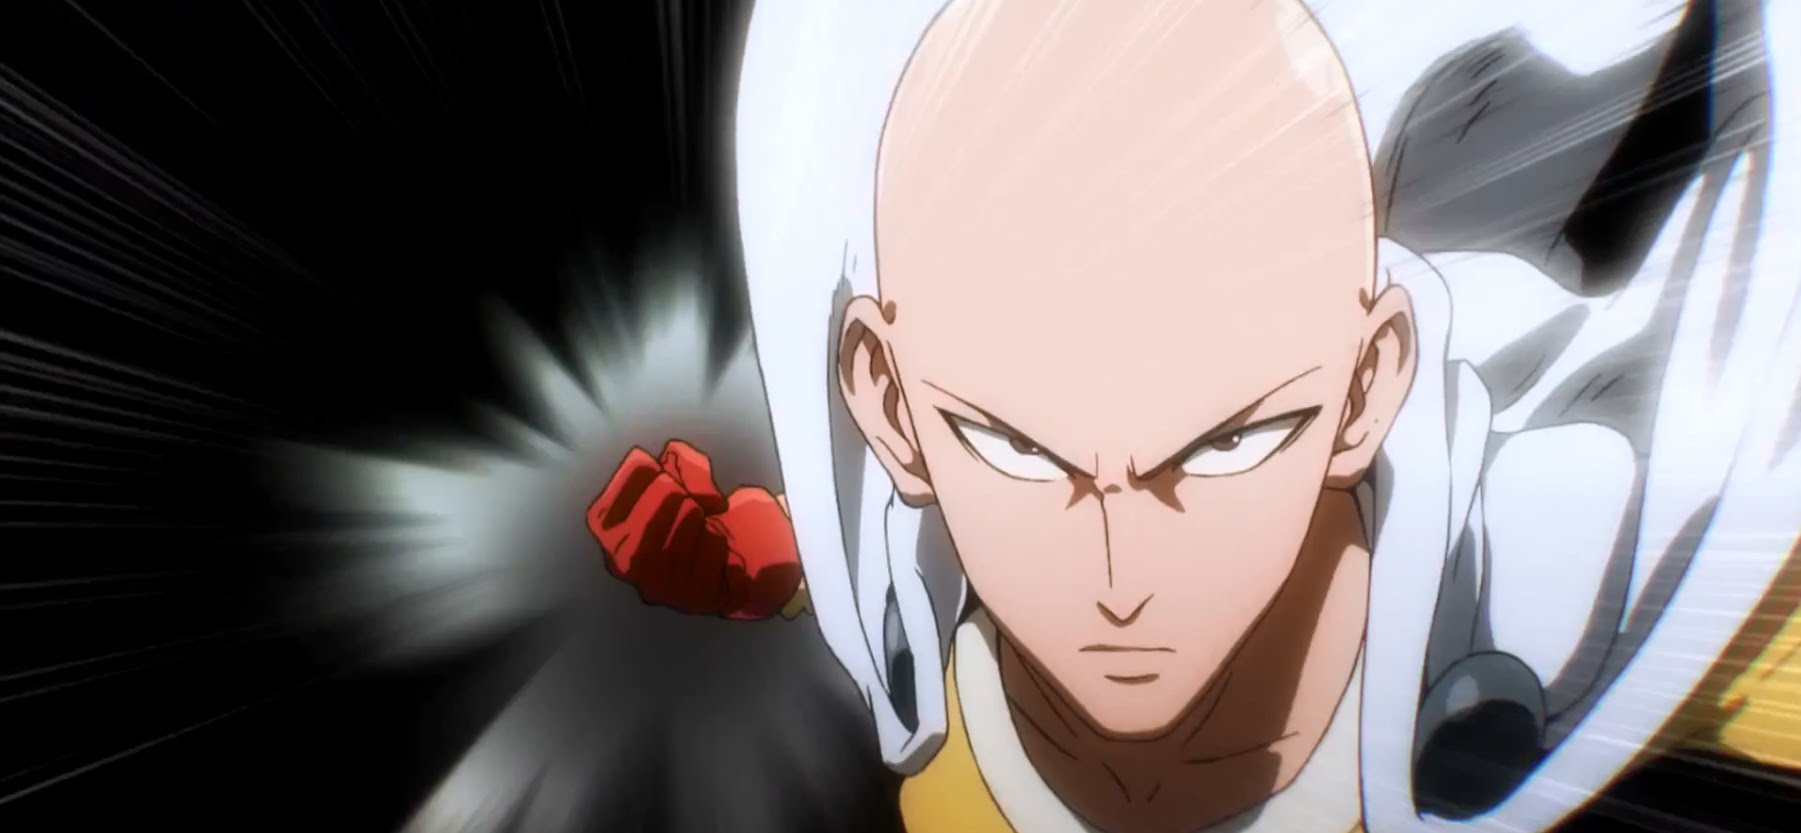 manga-one-punch-man-black-jack-0001